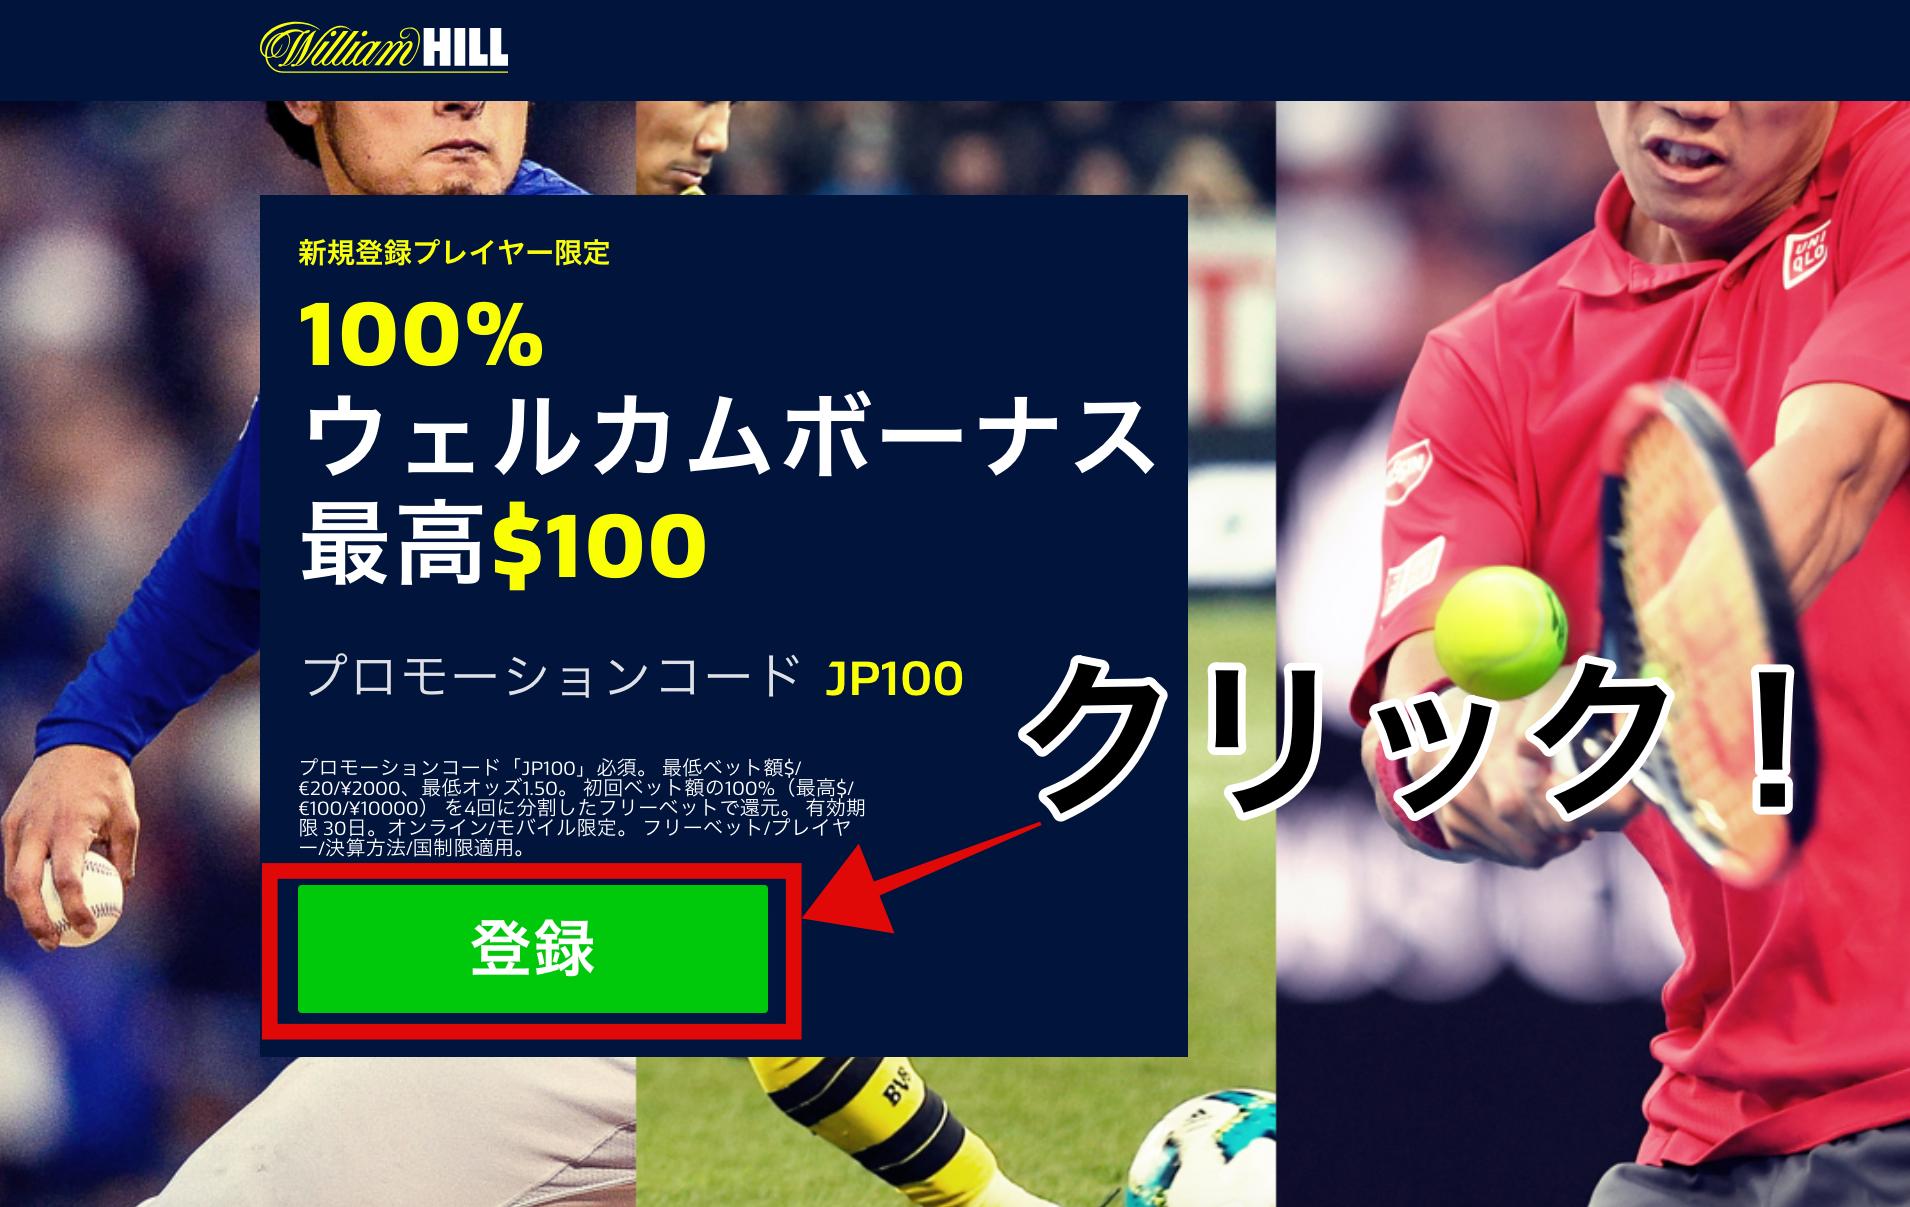 ウィリアムヒル登録&100ドル:1万円オファーキャンペーン